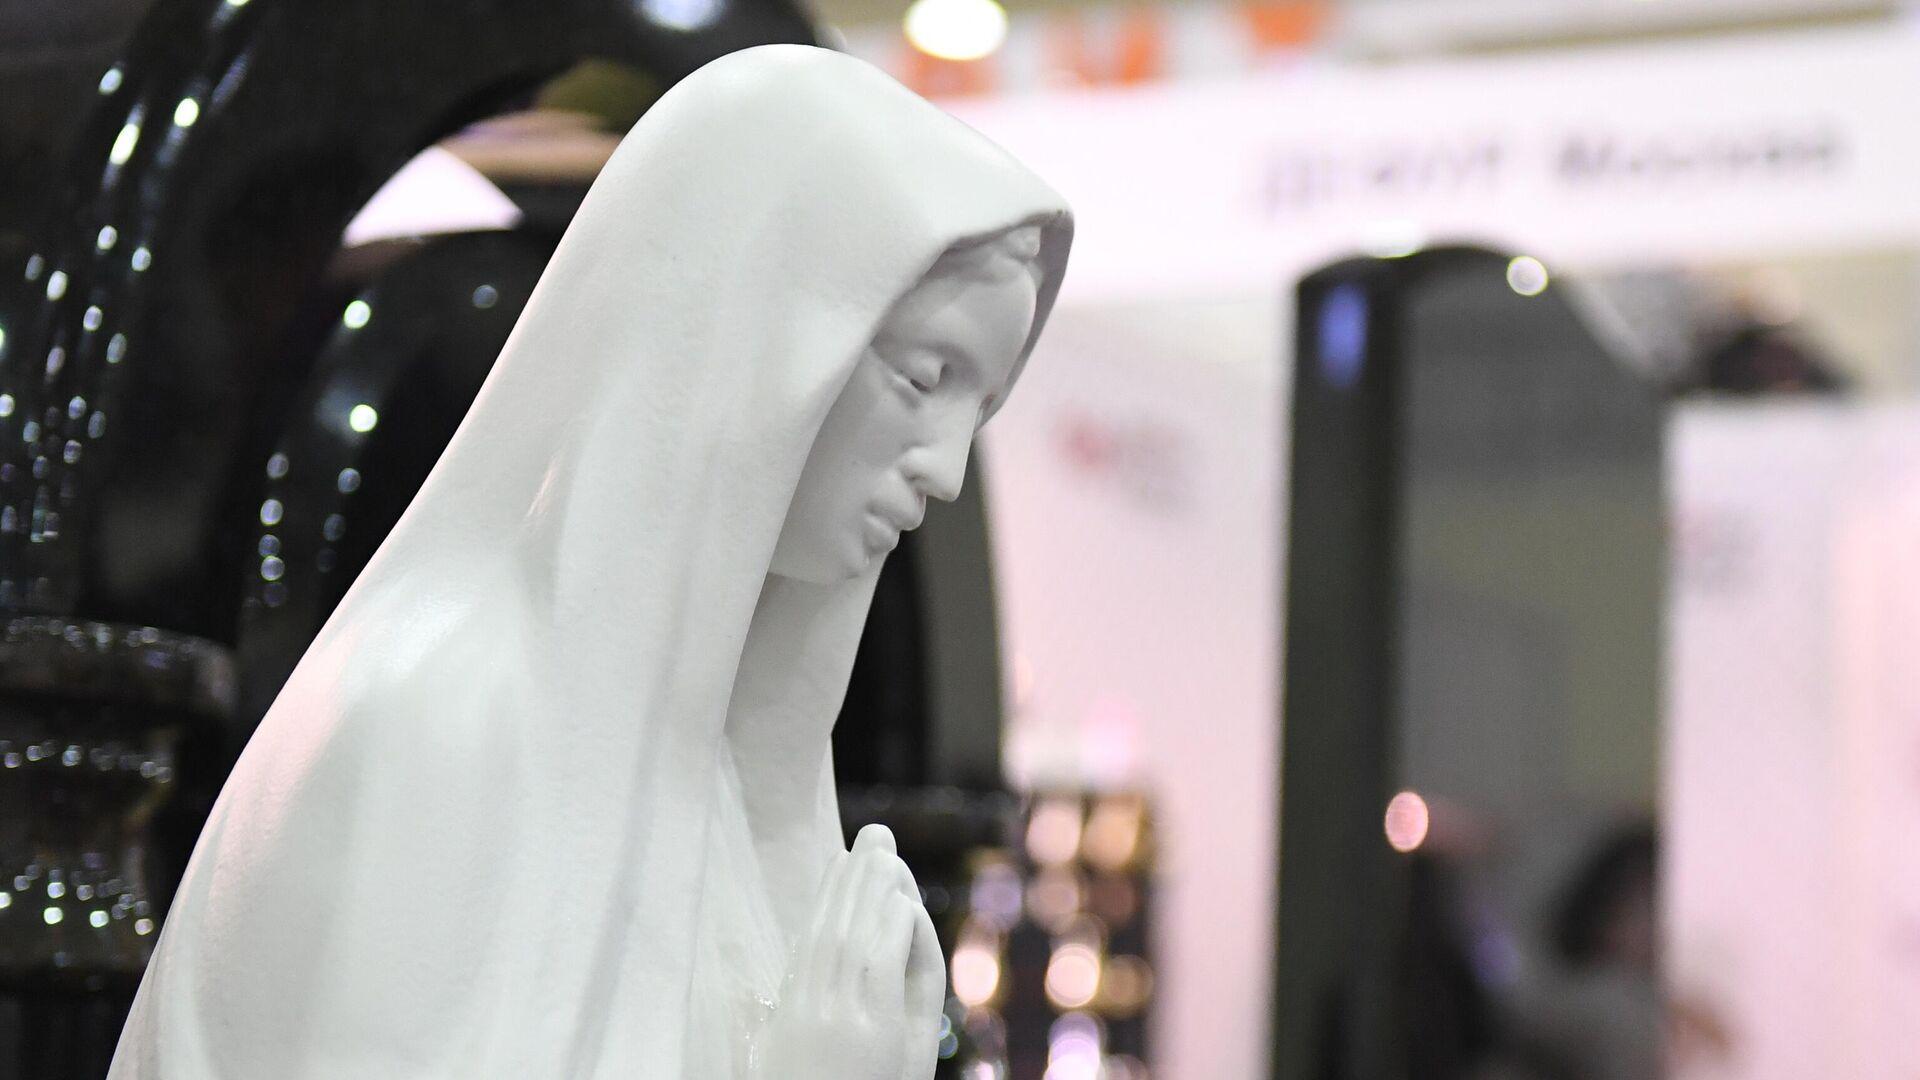 Международная выставка погребальных принадлежностей, похоронного сервиса, мемориального искусства Некрополь - РИА Новости, 1920, 01.12.2020